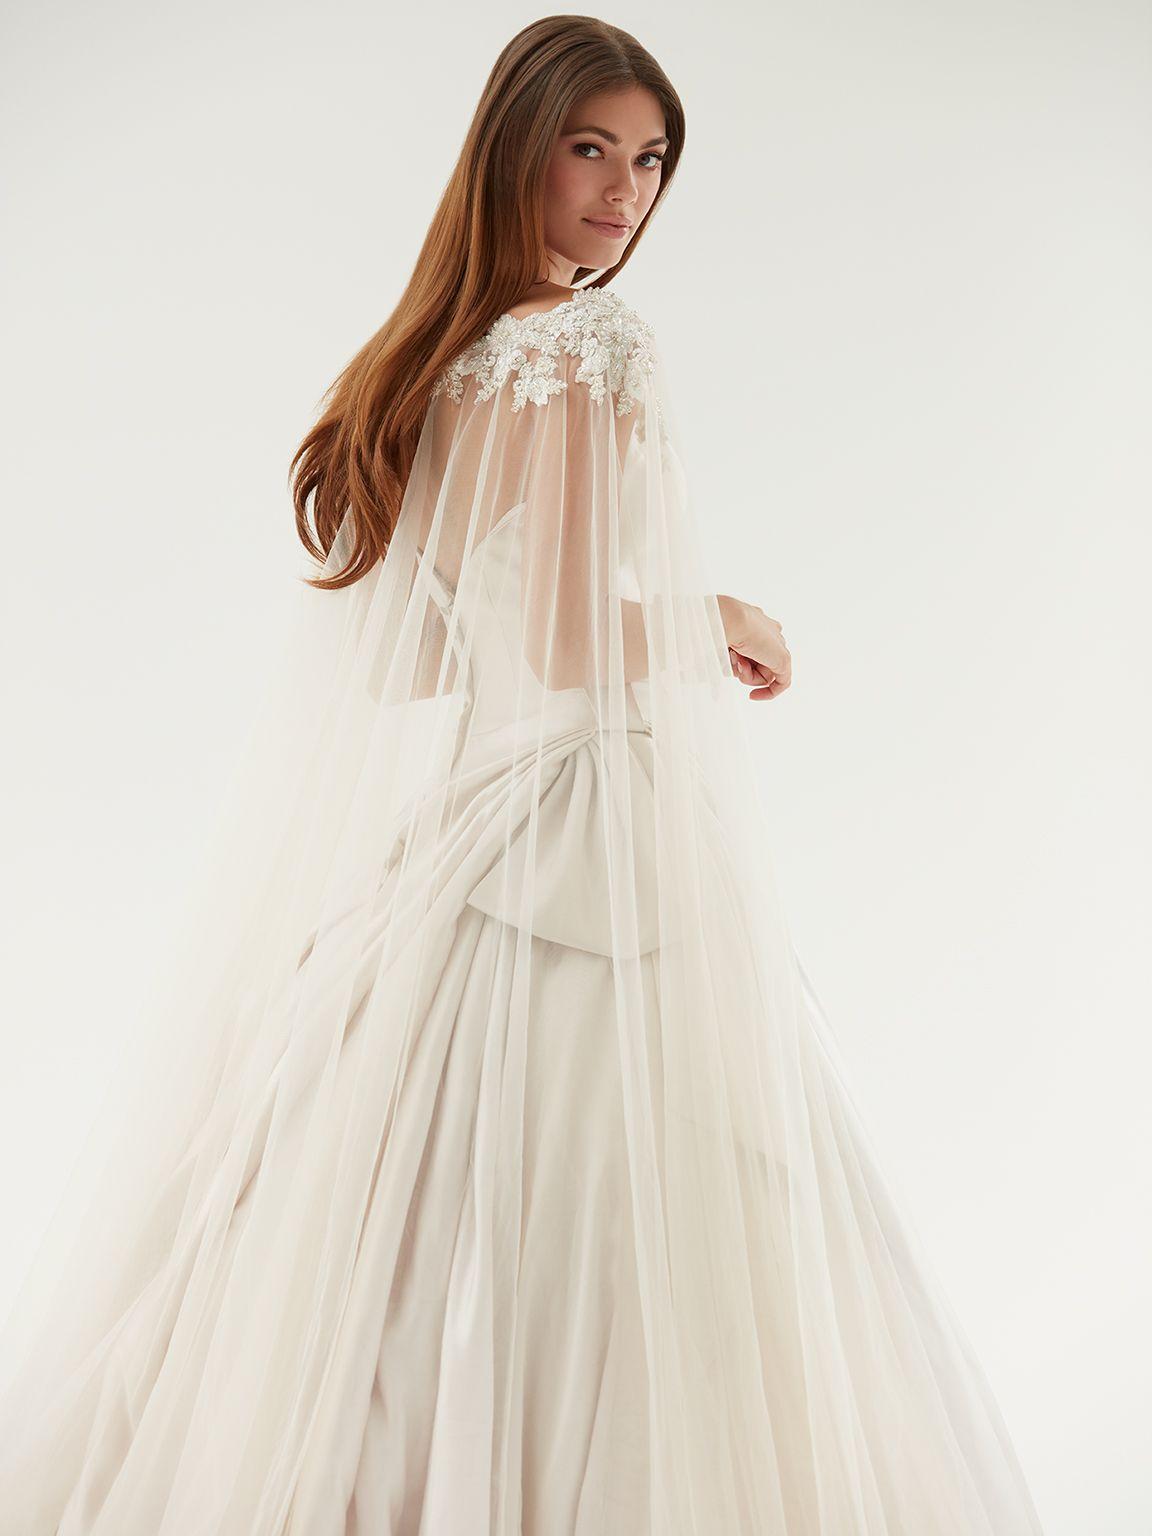 Allure Madison James MJ406 --- New York Bride & Groom {Charlotte NC ...